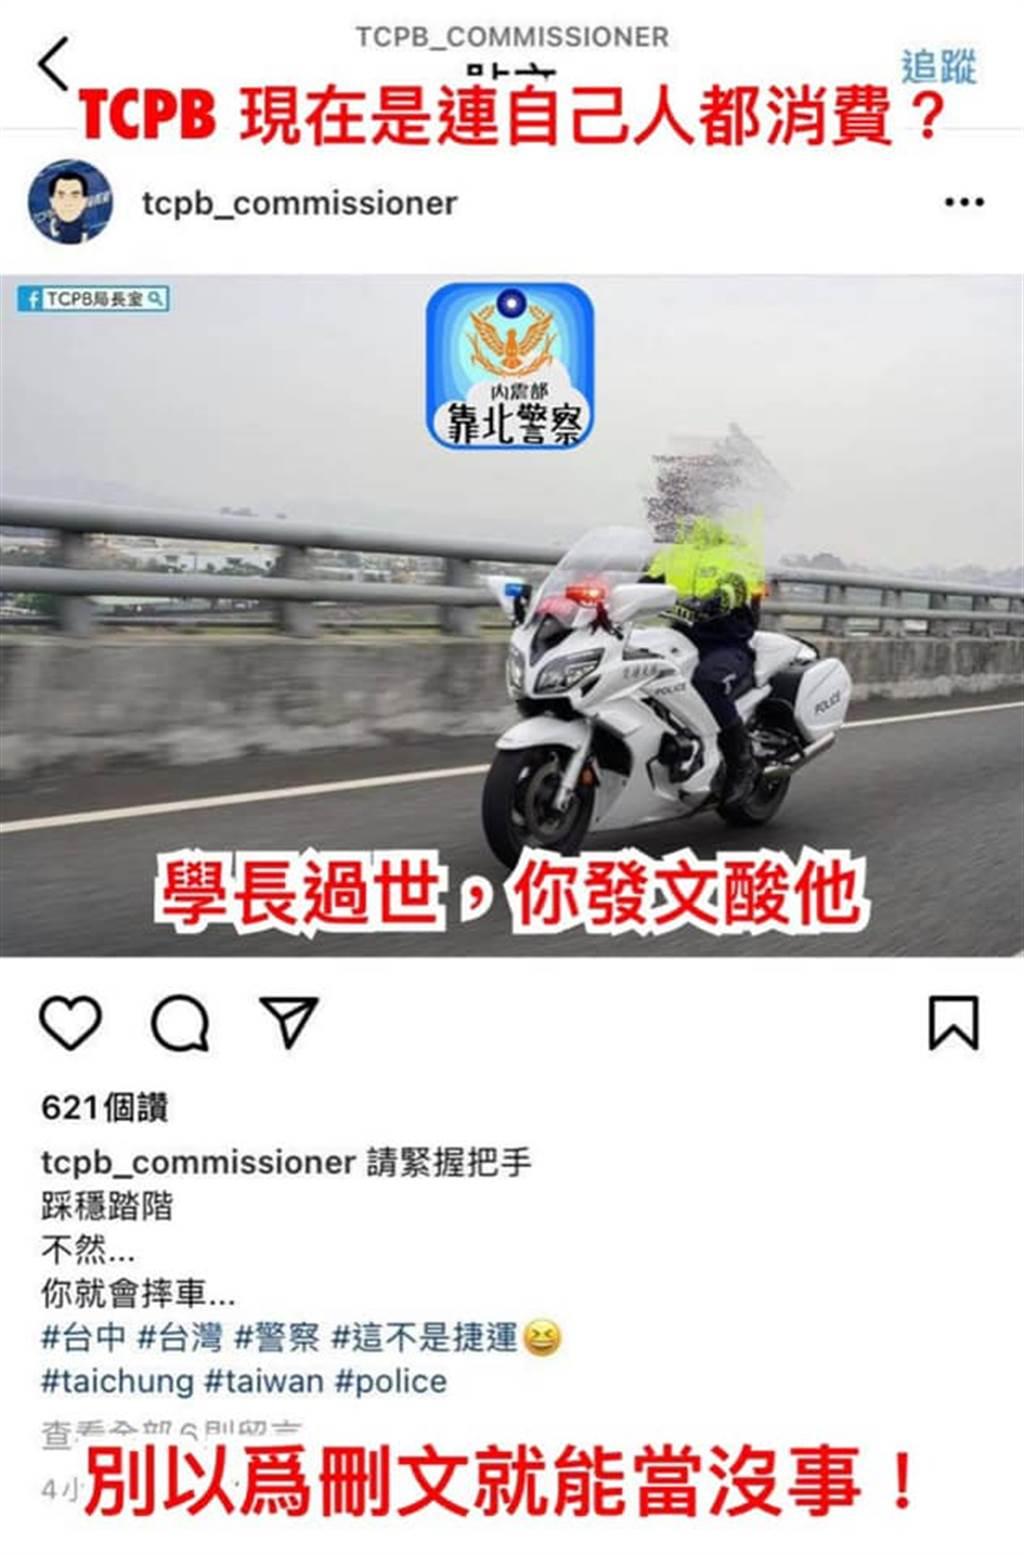 南投小隊長重機打滑殉職 台中市警局PO文消費 遭到網友砲轟(翻攝臉書 靠北警察)